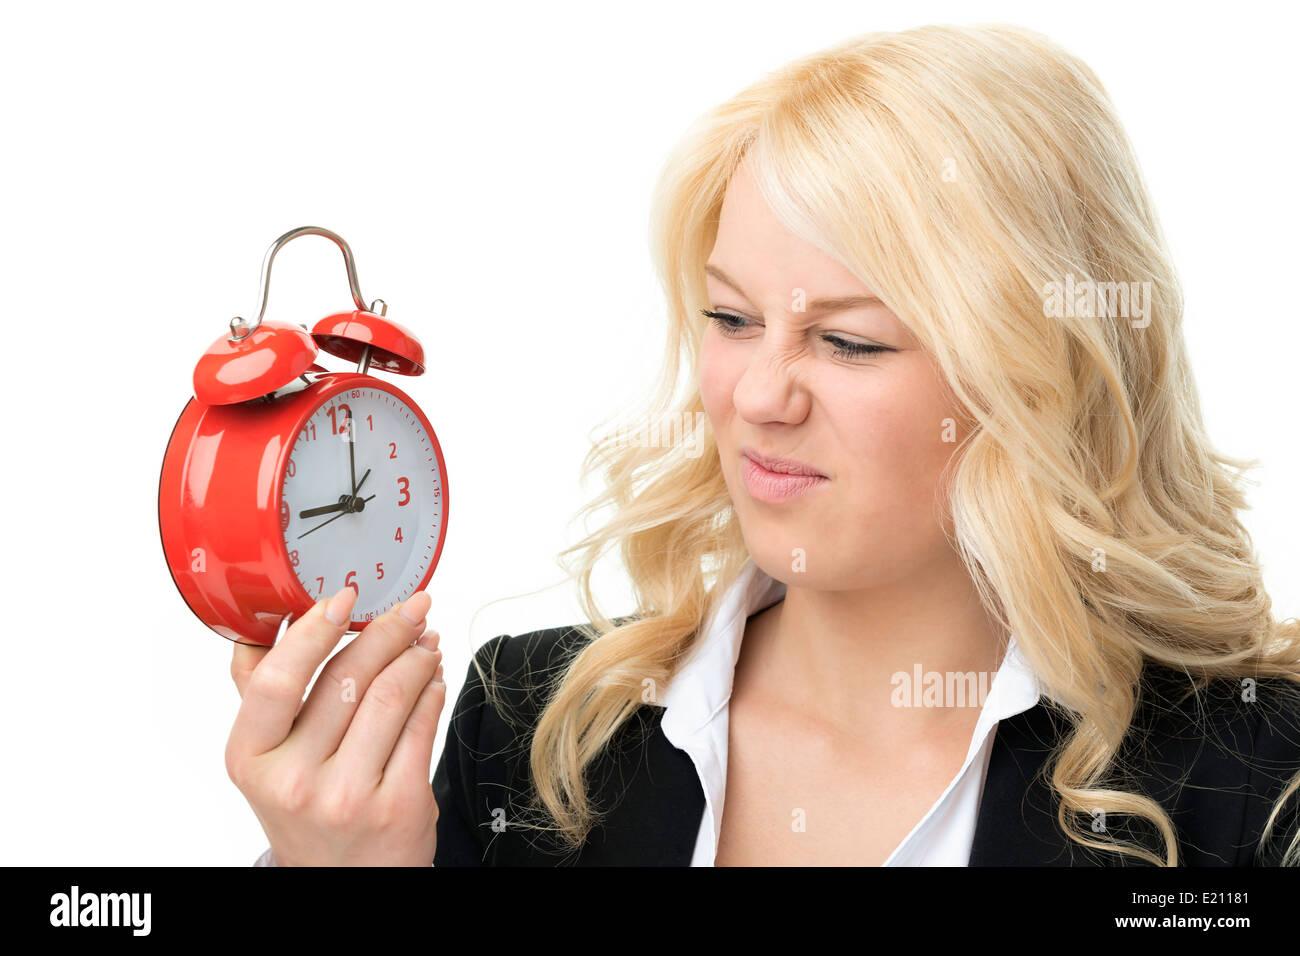 Blonde Frau Lachen unglücklich mit roten Wecker Stockbild